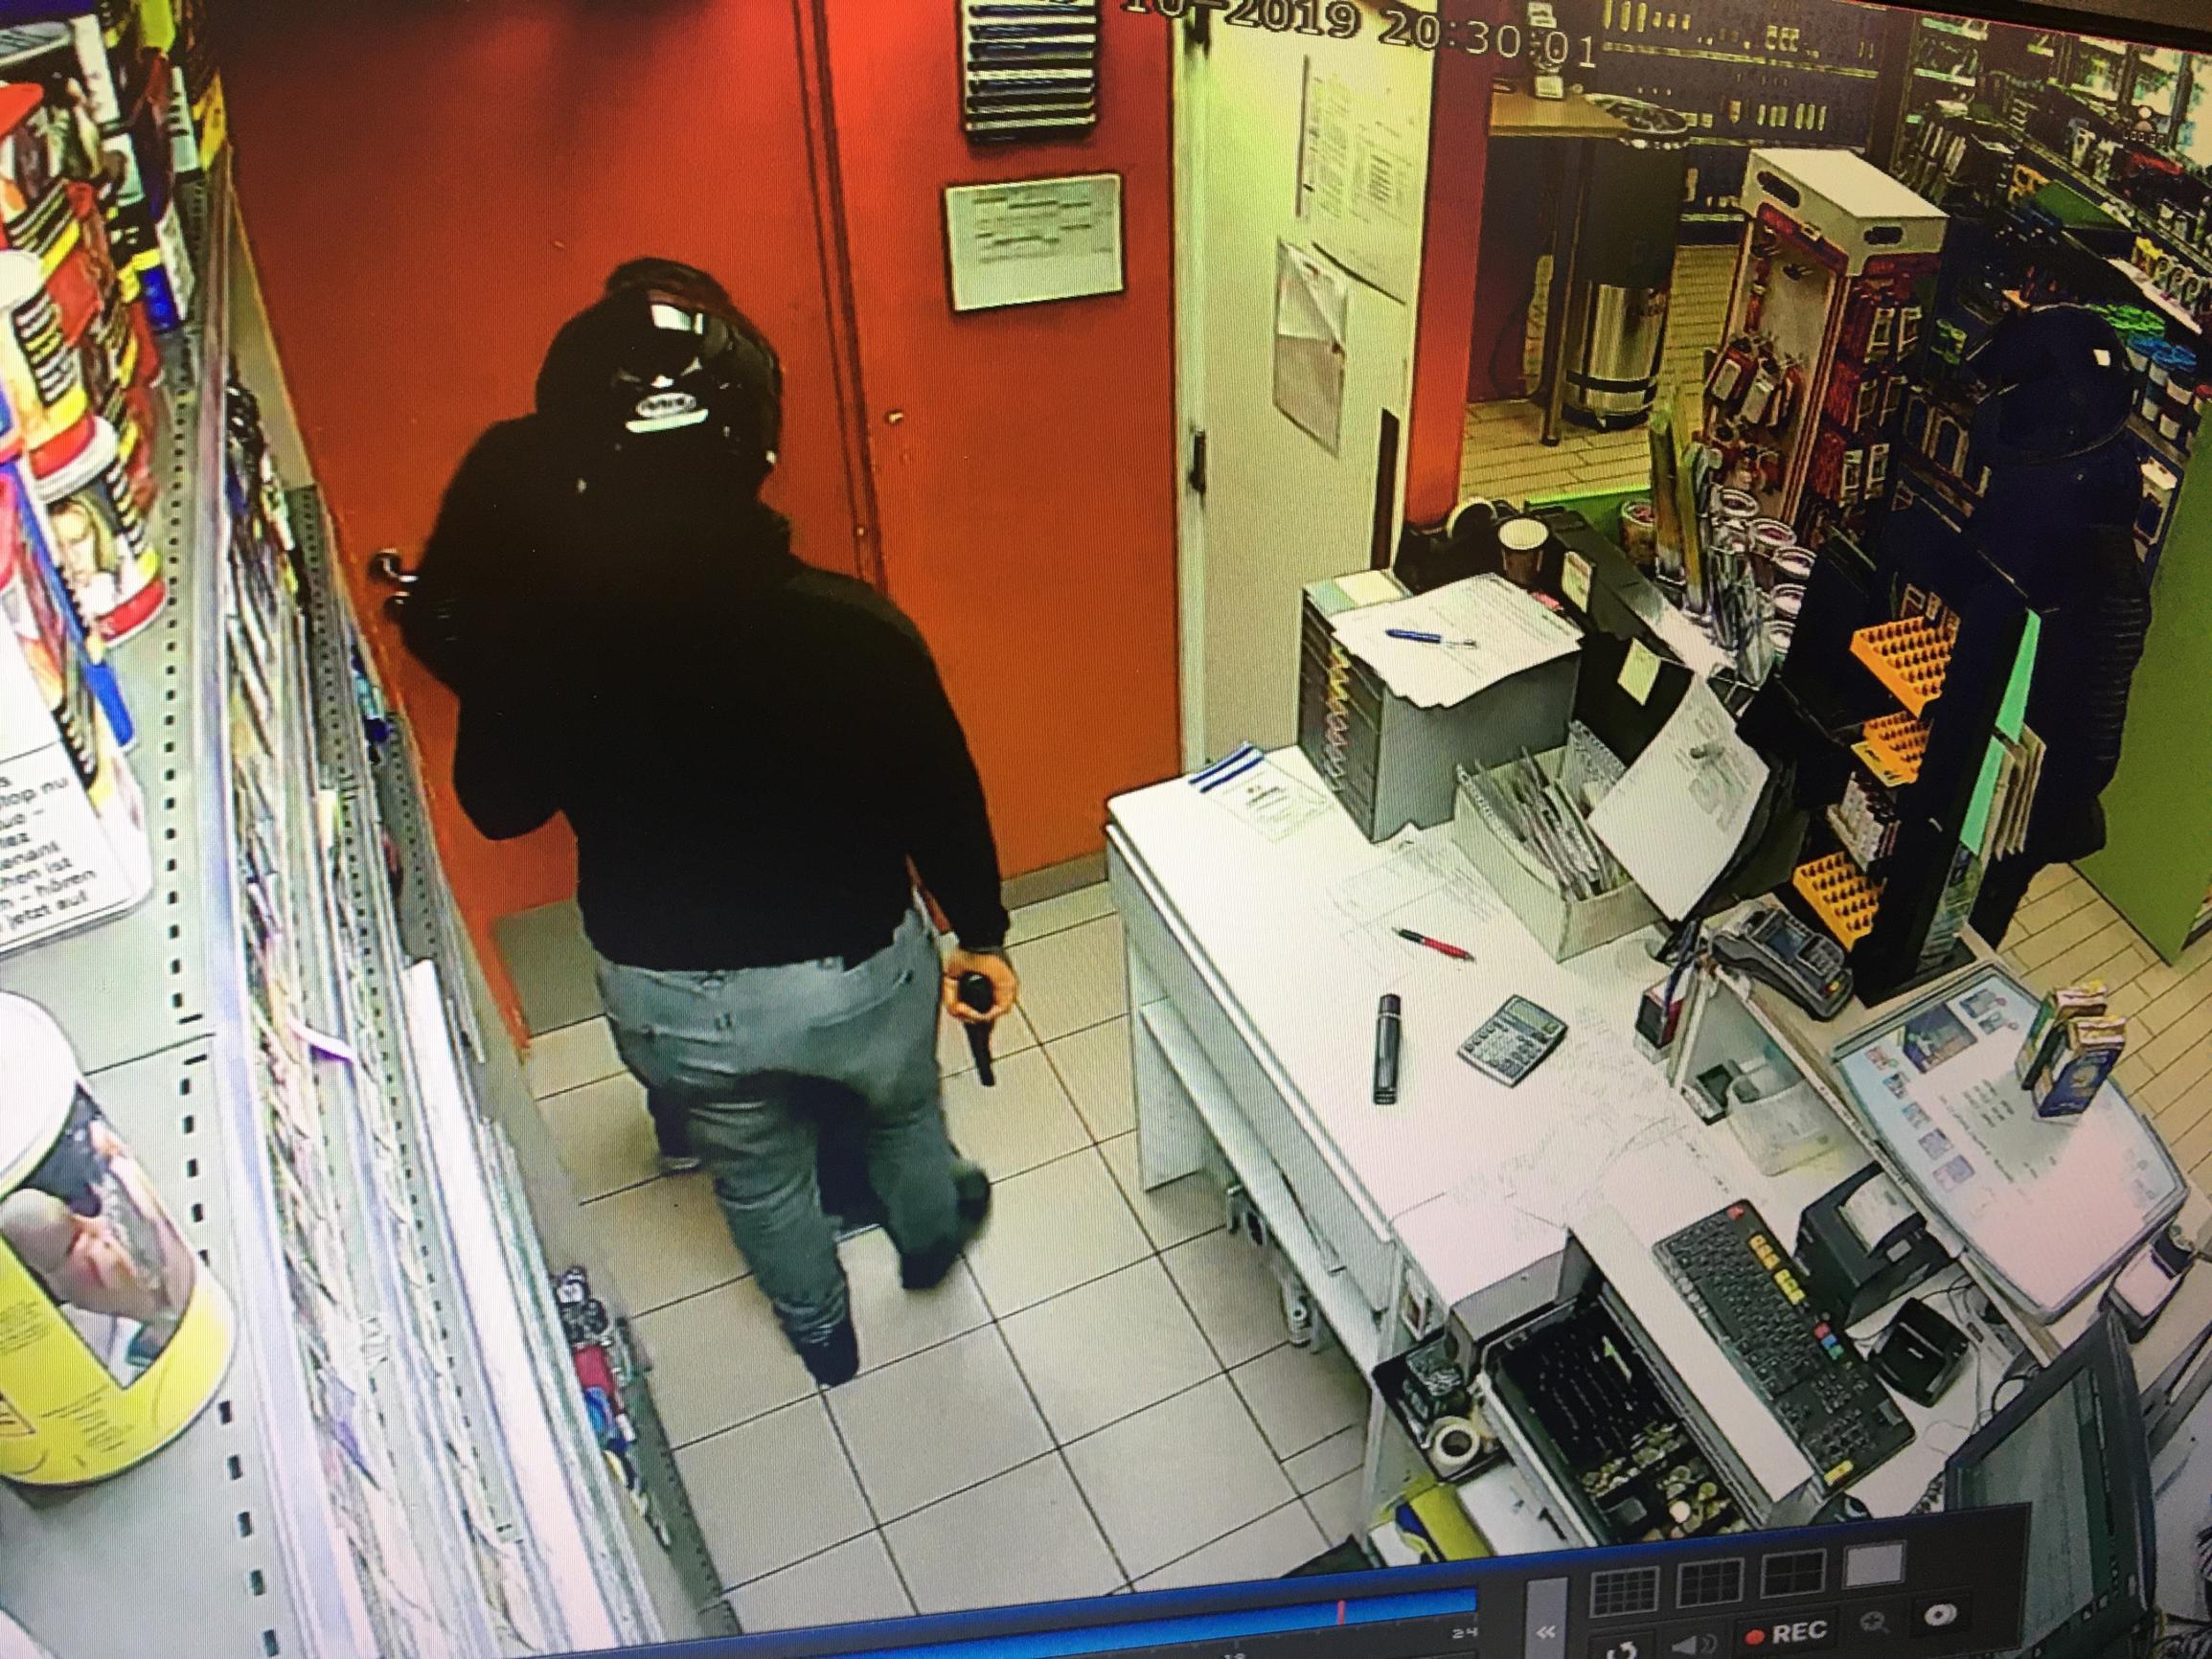 Overvallers wachten geduldig tot laatste klant weg is en slaan dan toe in tankstation